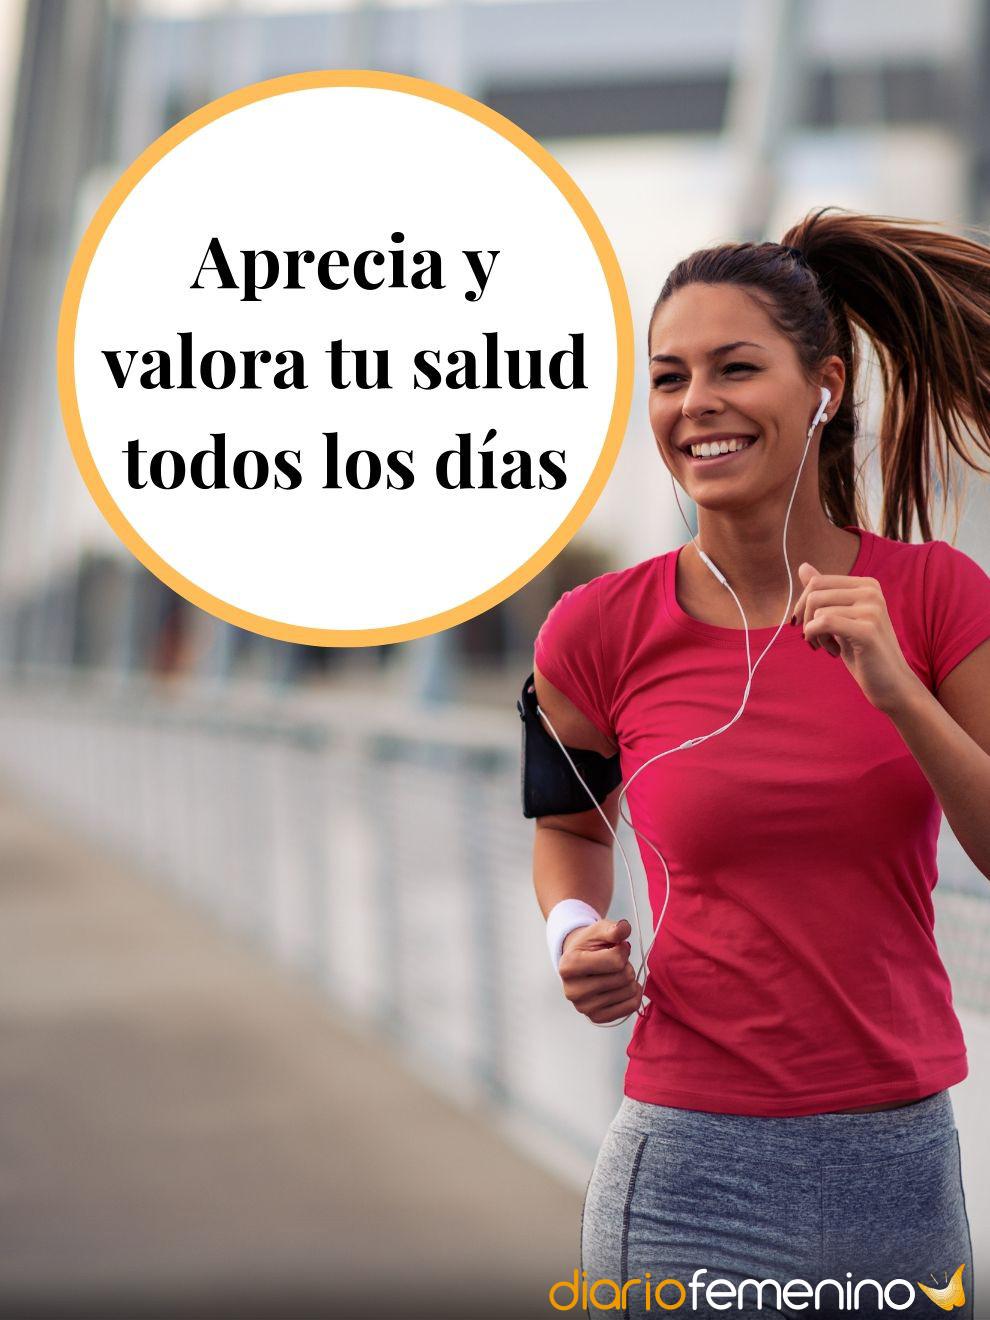 Frases para valorar tu salud: valora tu vida